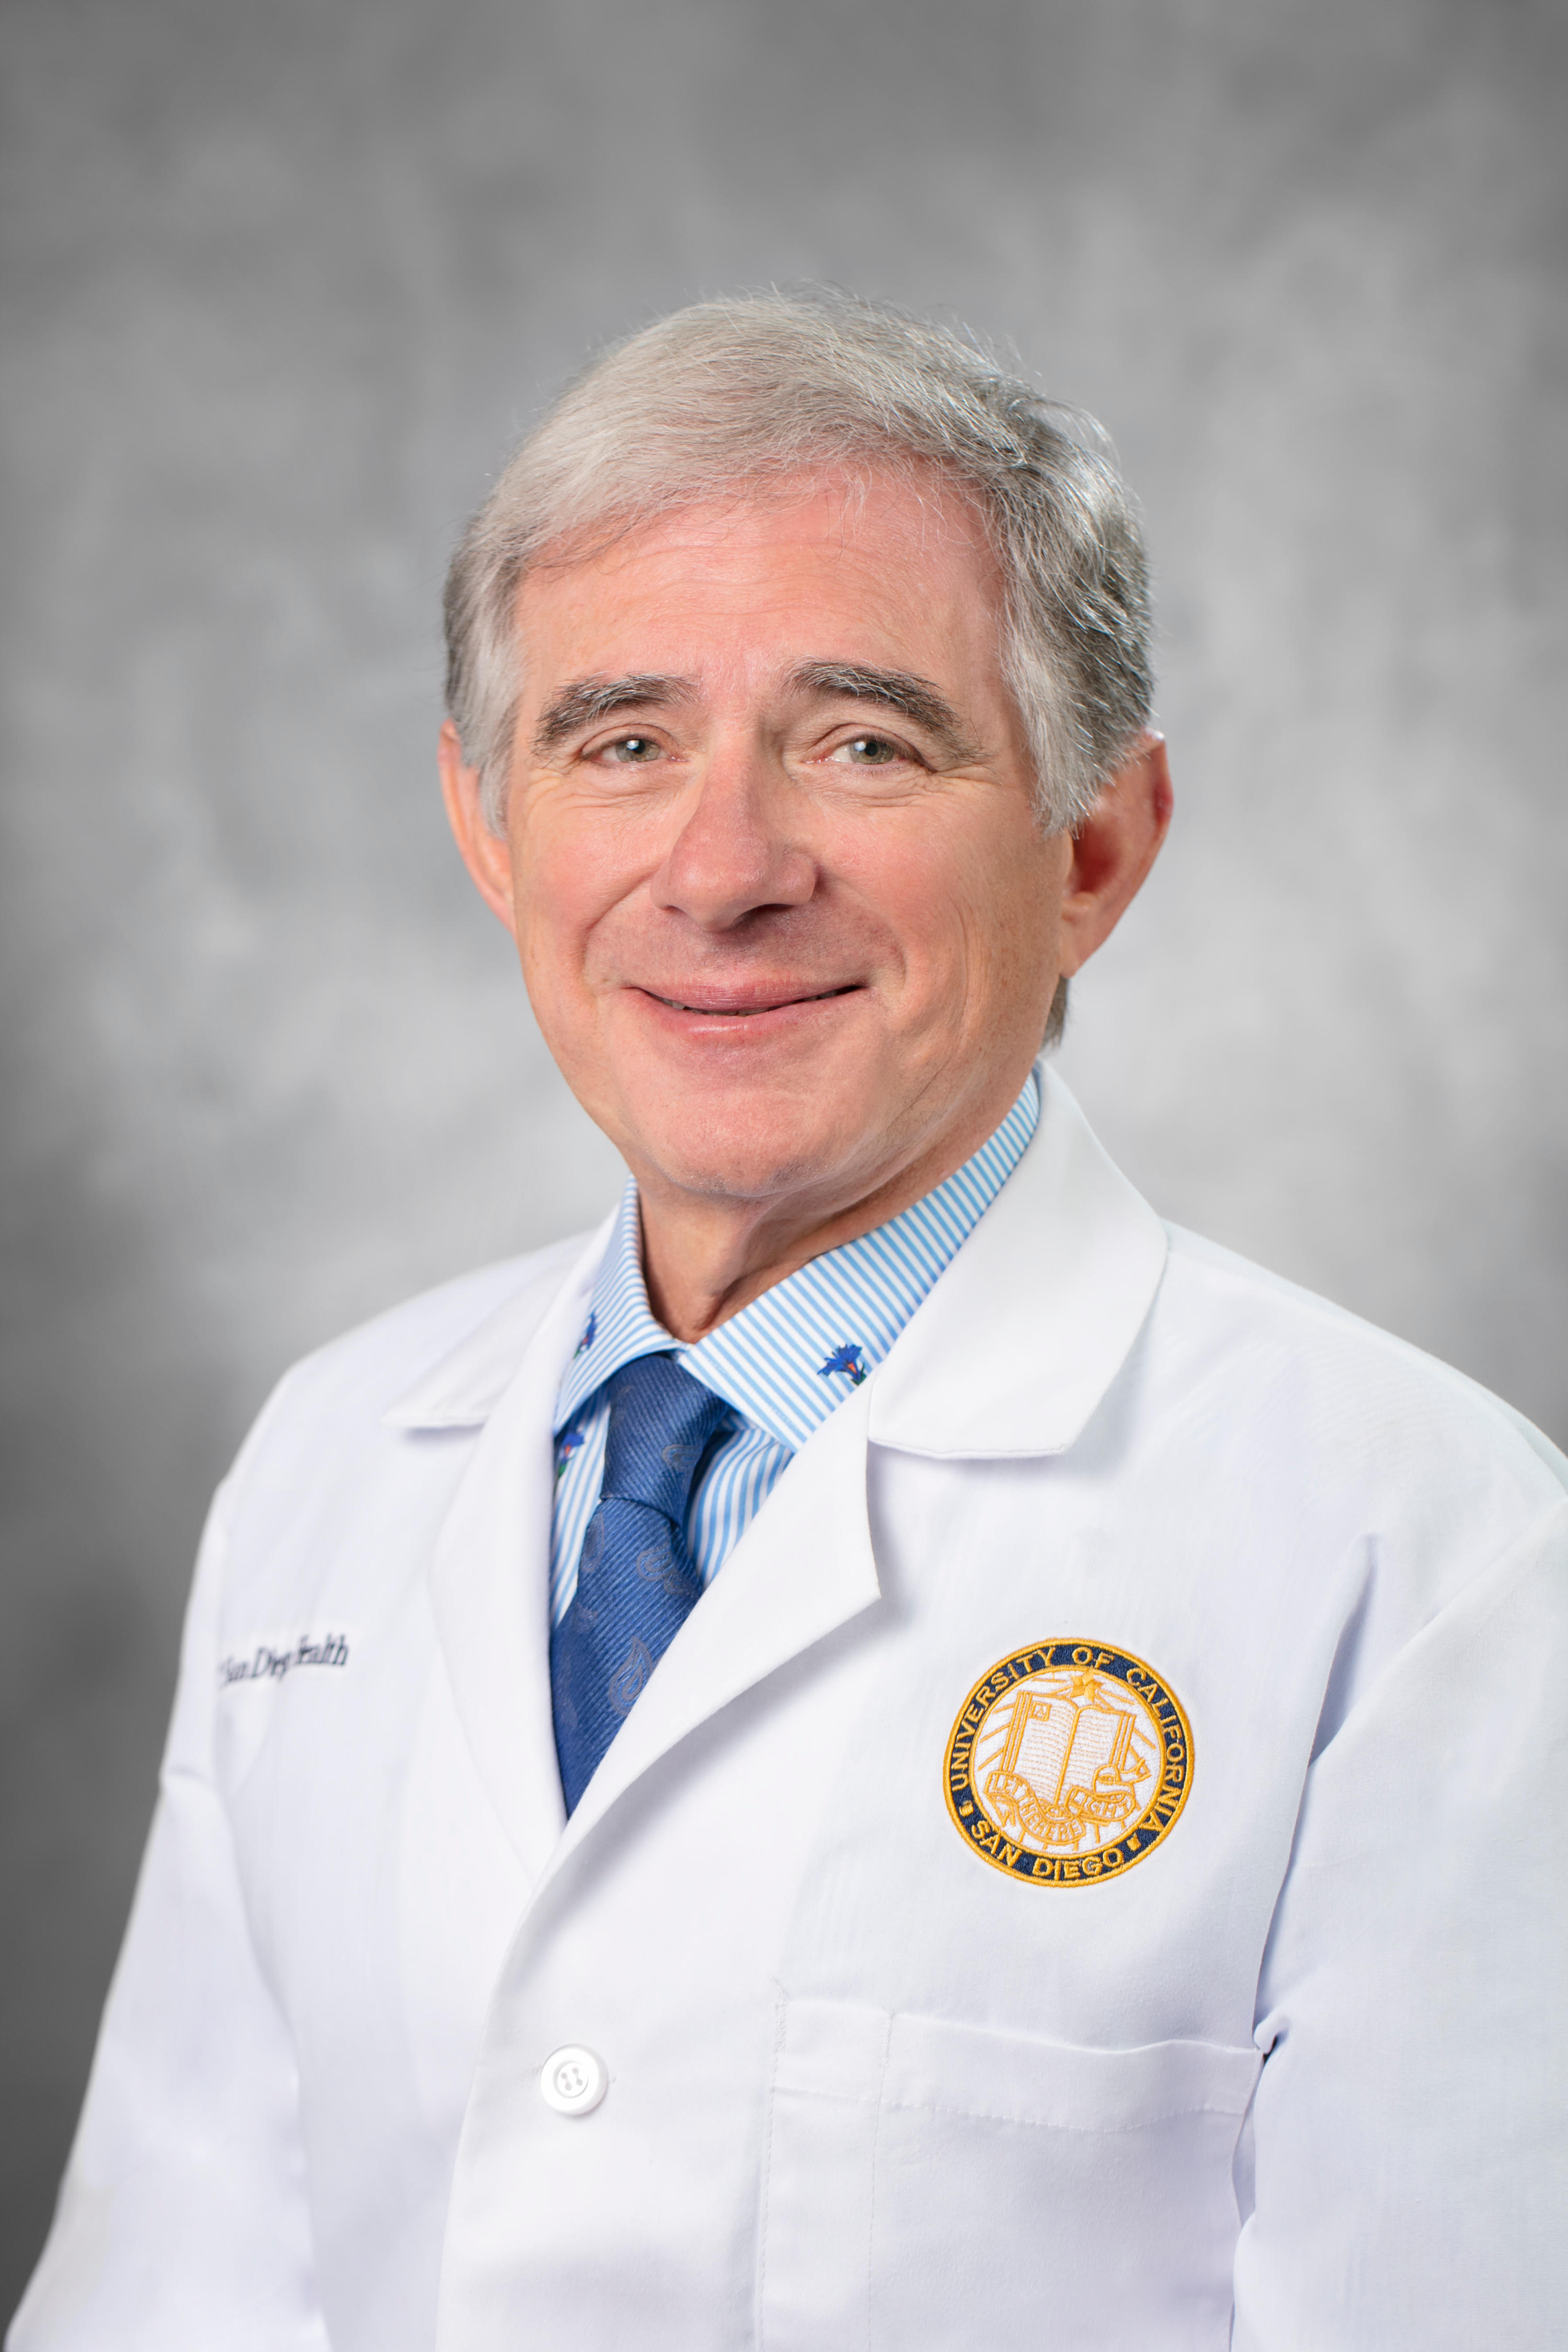 Steven Robert Garfin, MD